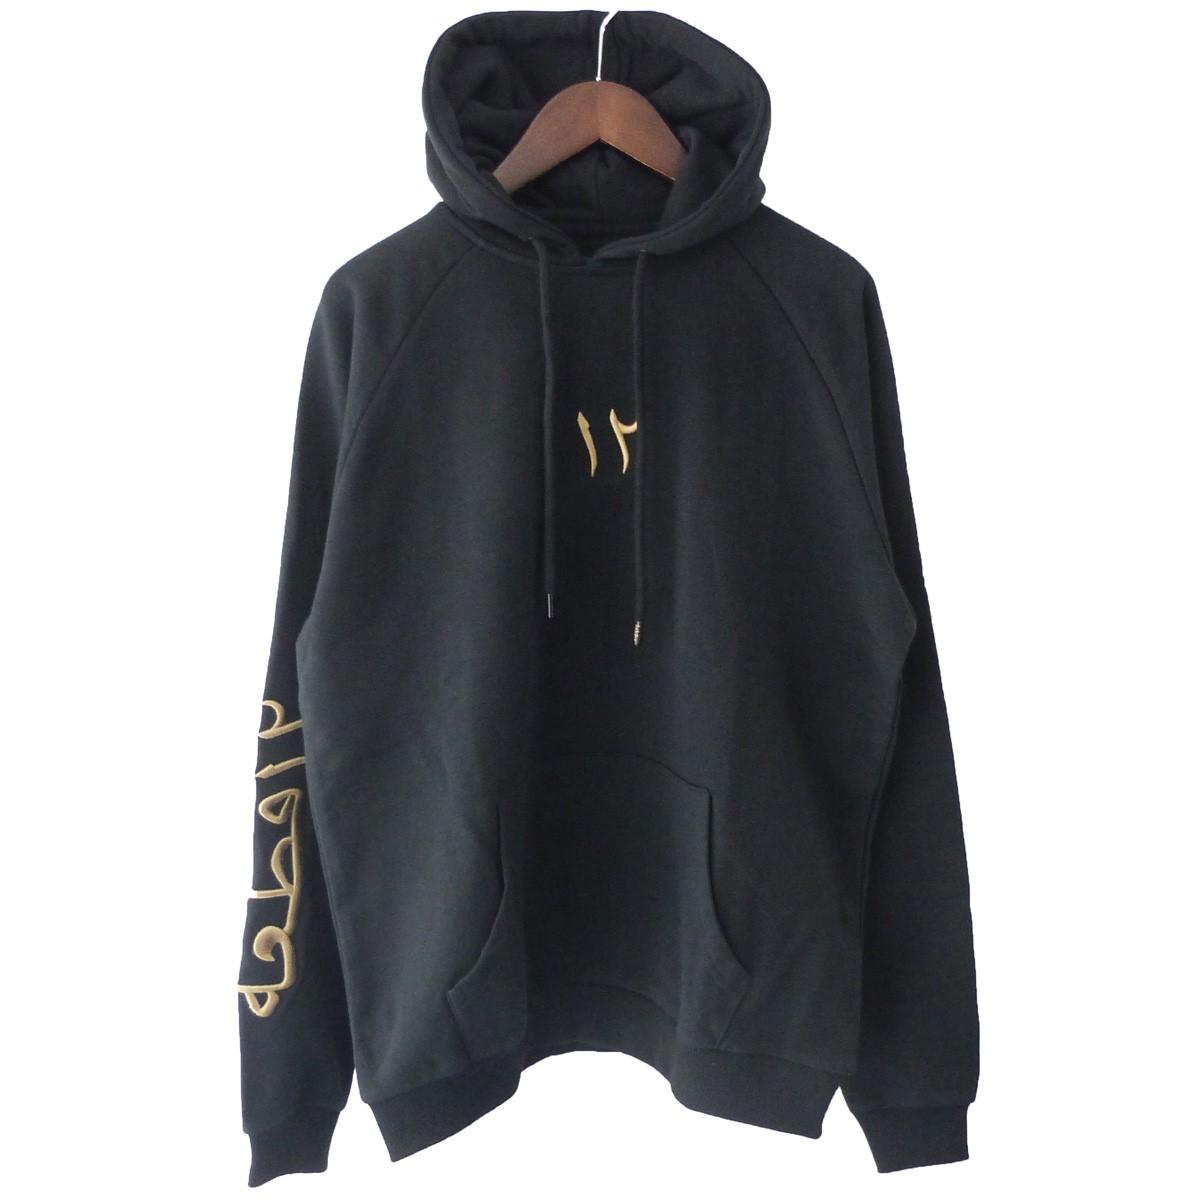 【中古】Twelvepieces 「twelve hoodie」刺繍プルオーバーパーカー ブラック サイズ:S 【080220】(トゥエルヴ ピーシーズ)